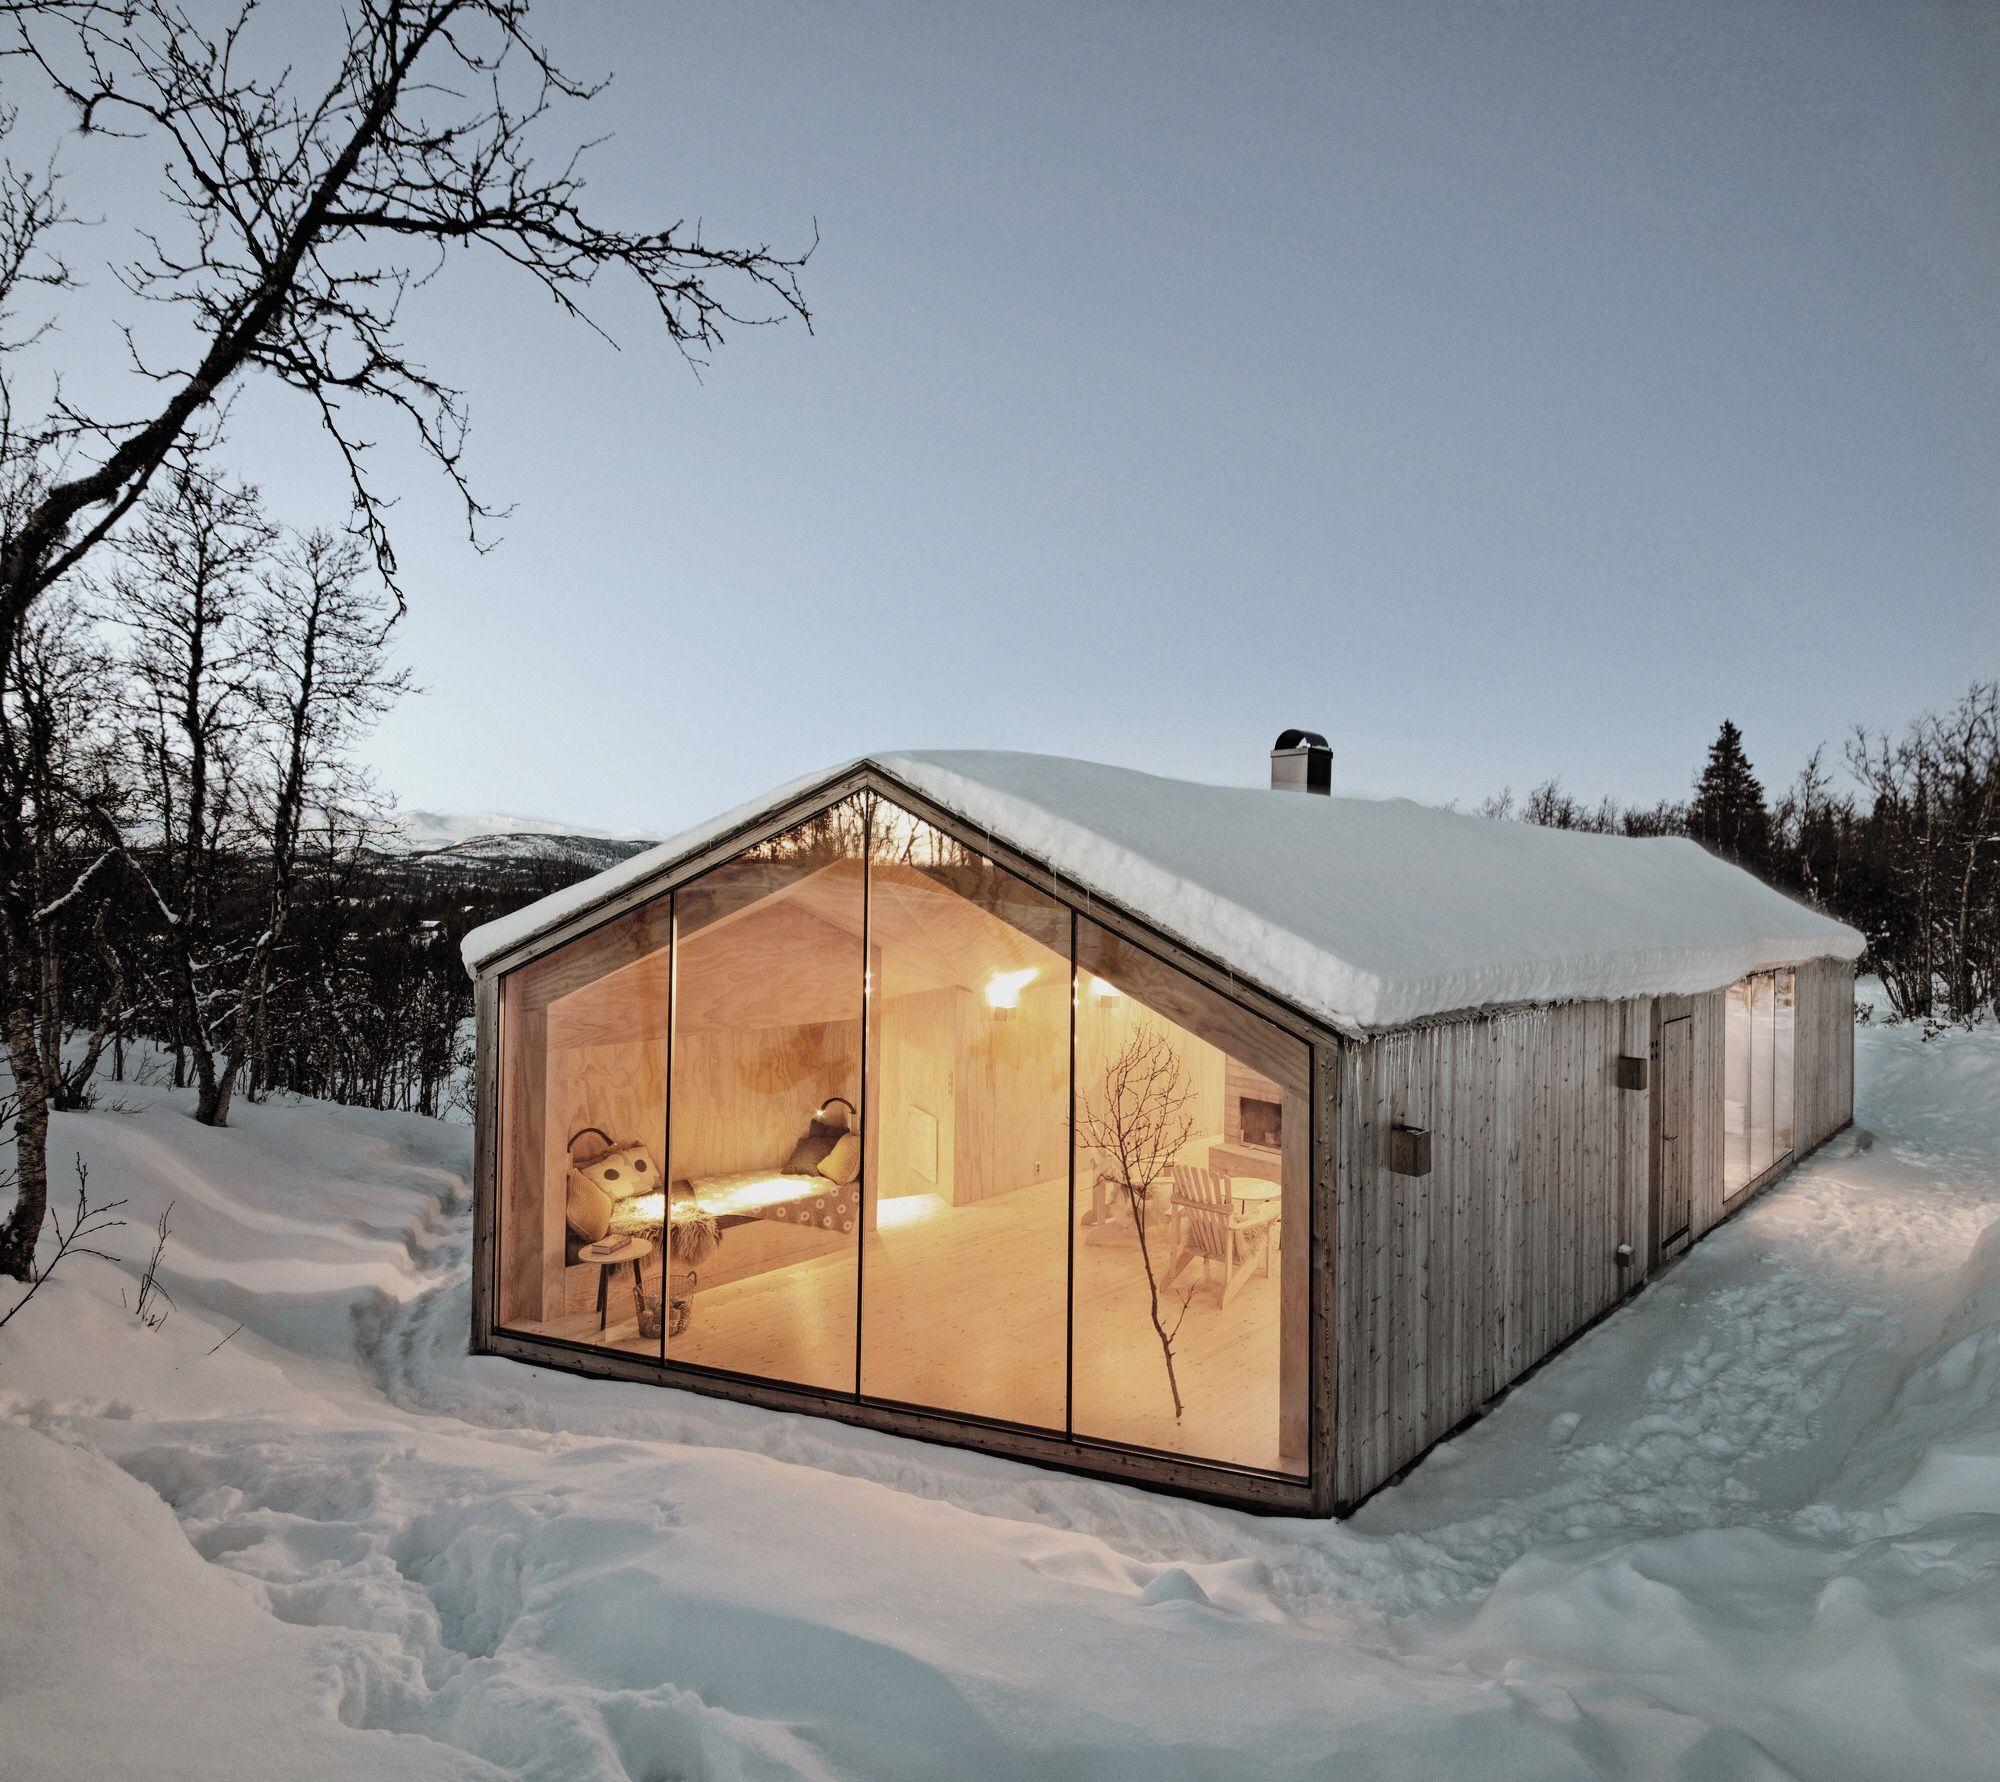 Nordic Winter Home Inspirado 113 Pinterest Casas Casas De  # Muebles Excell Aguascalientes